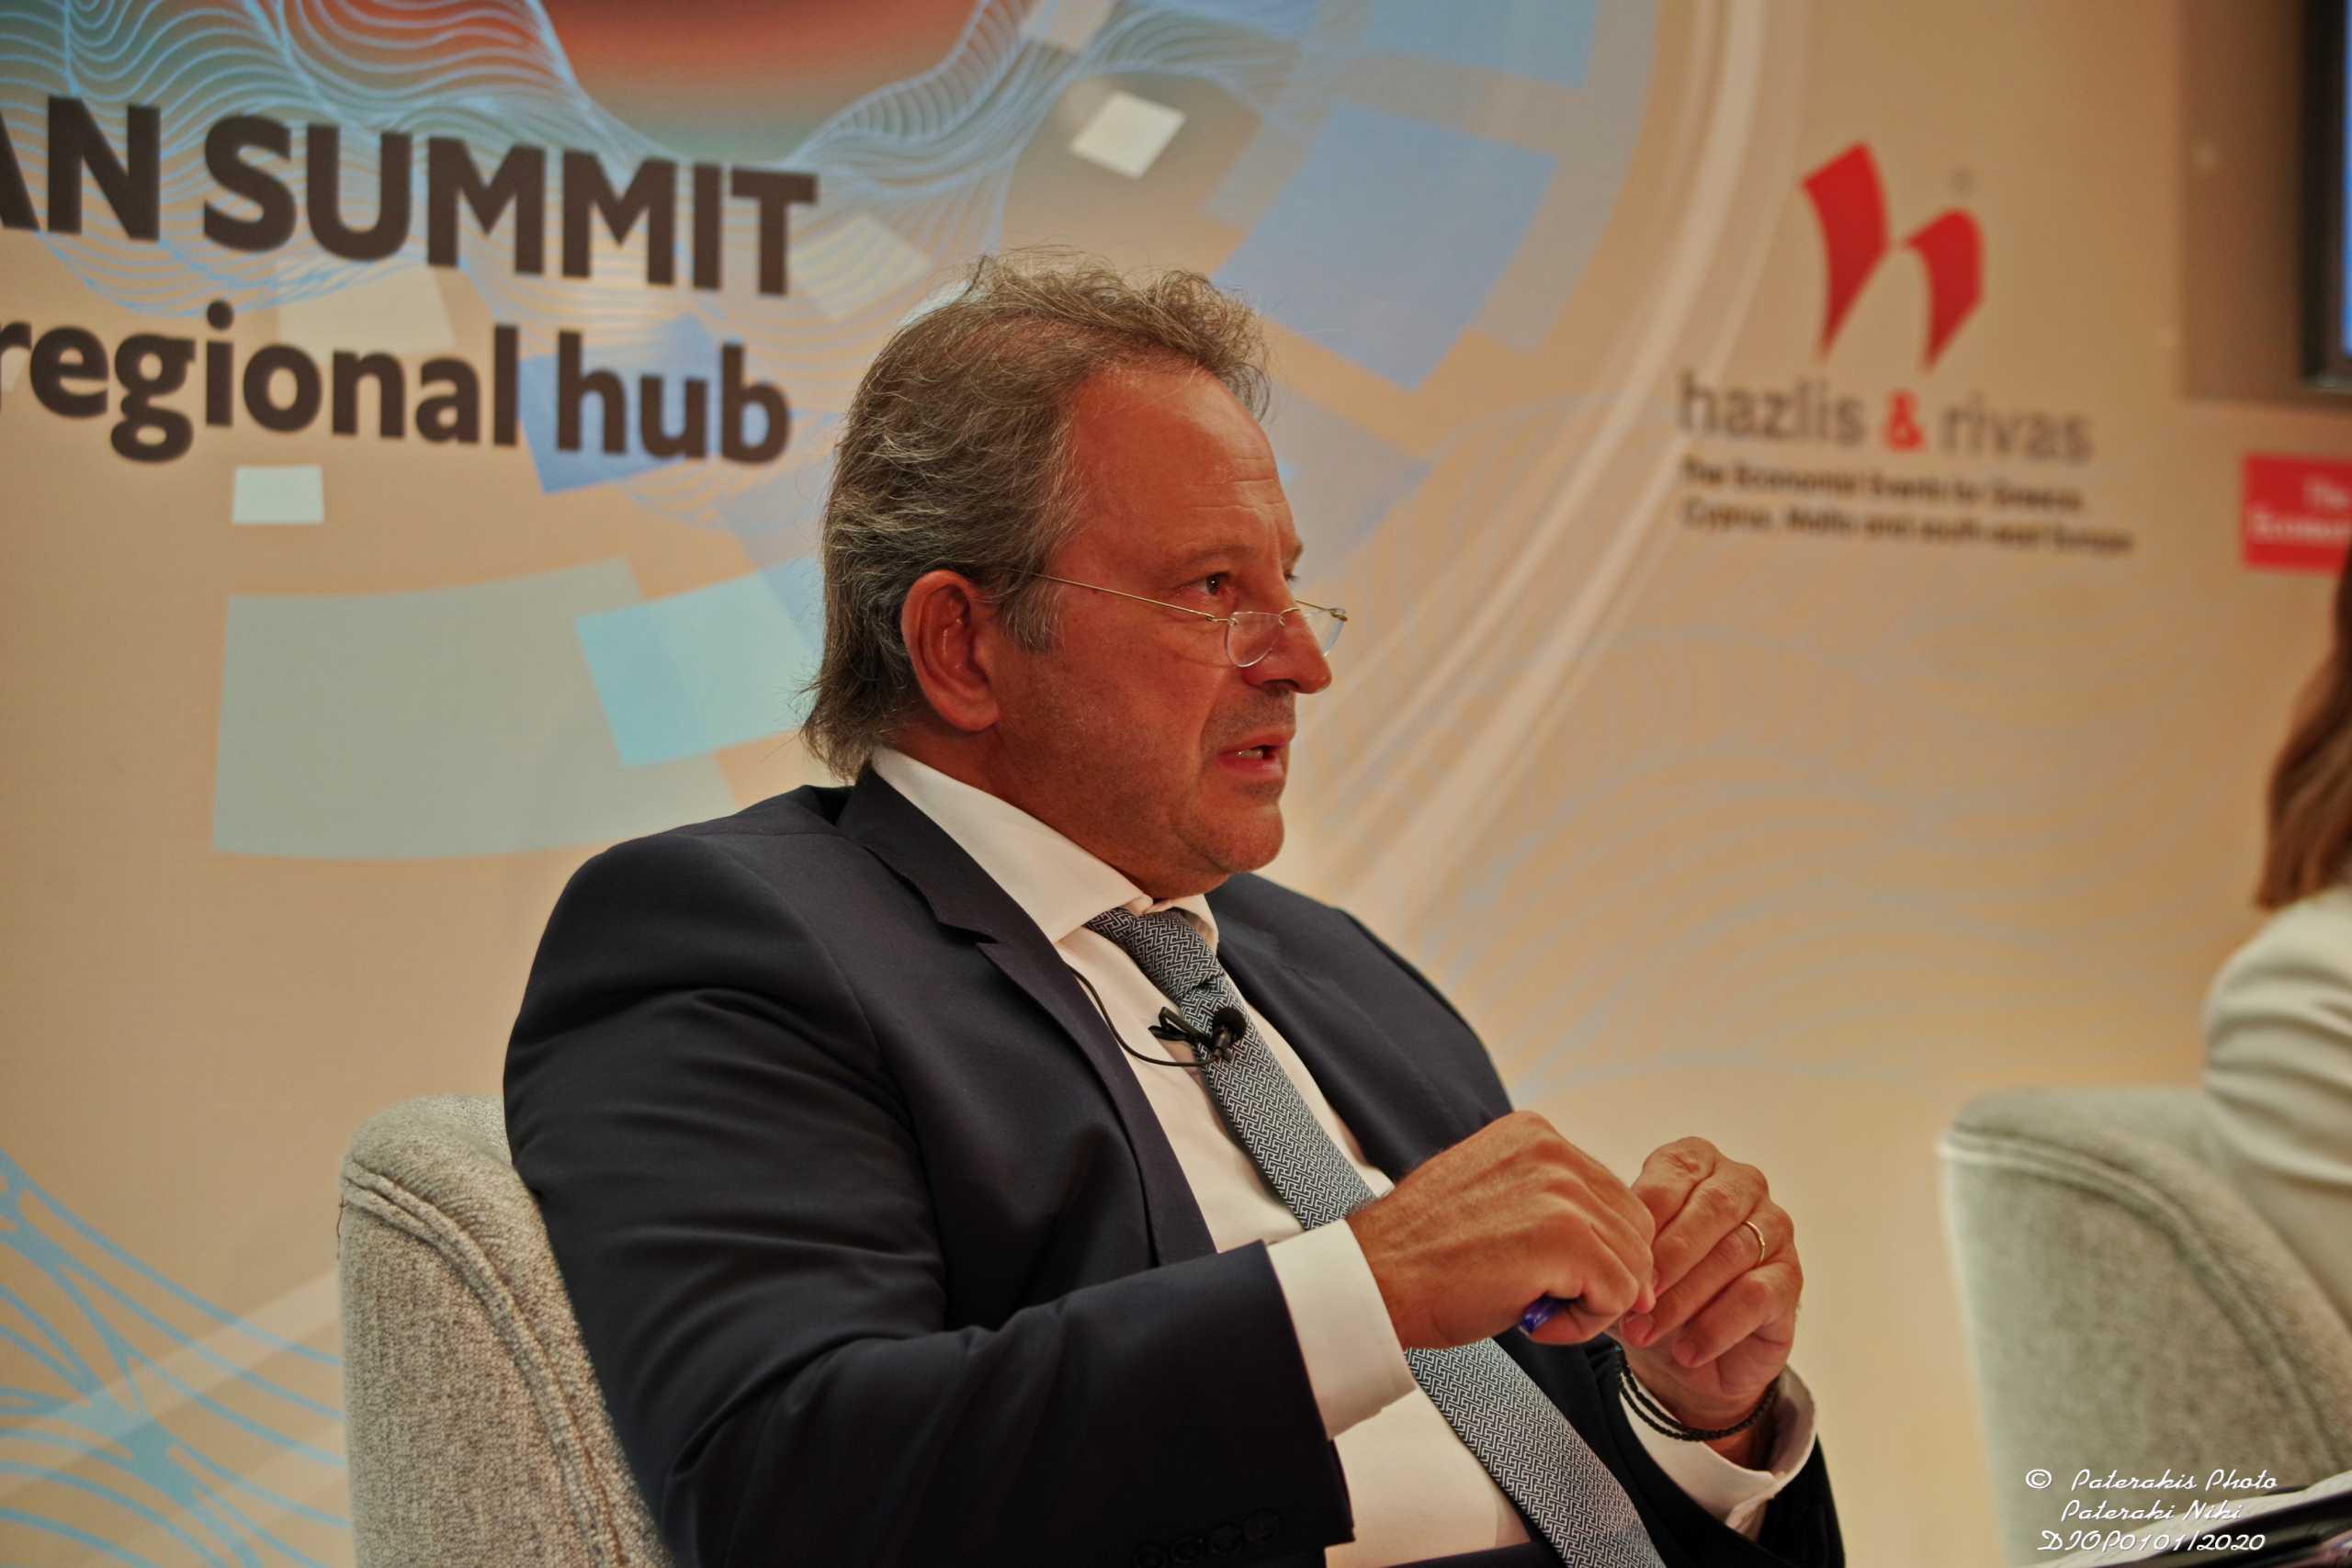 Π. Σουρέτης,Intrakat: «Η Κεντρική Μακεδονία μπορεί να αναδειχθεί σεleaderκαινοτόμων έργων»